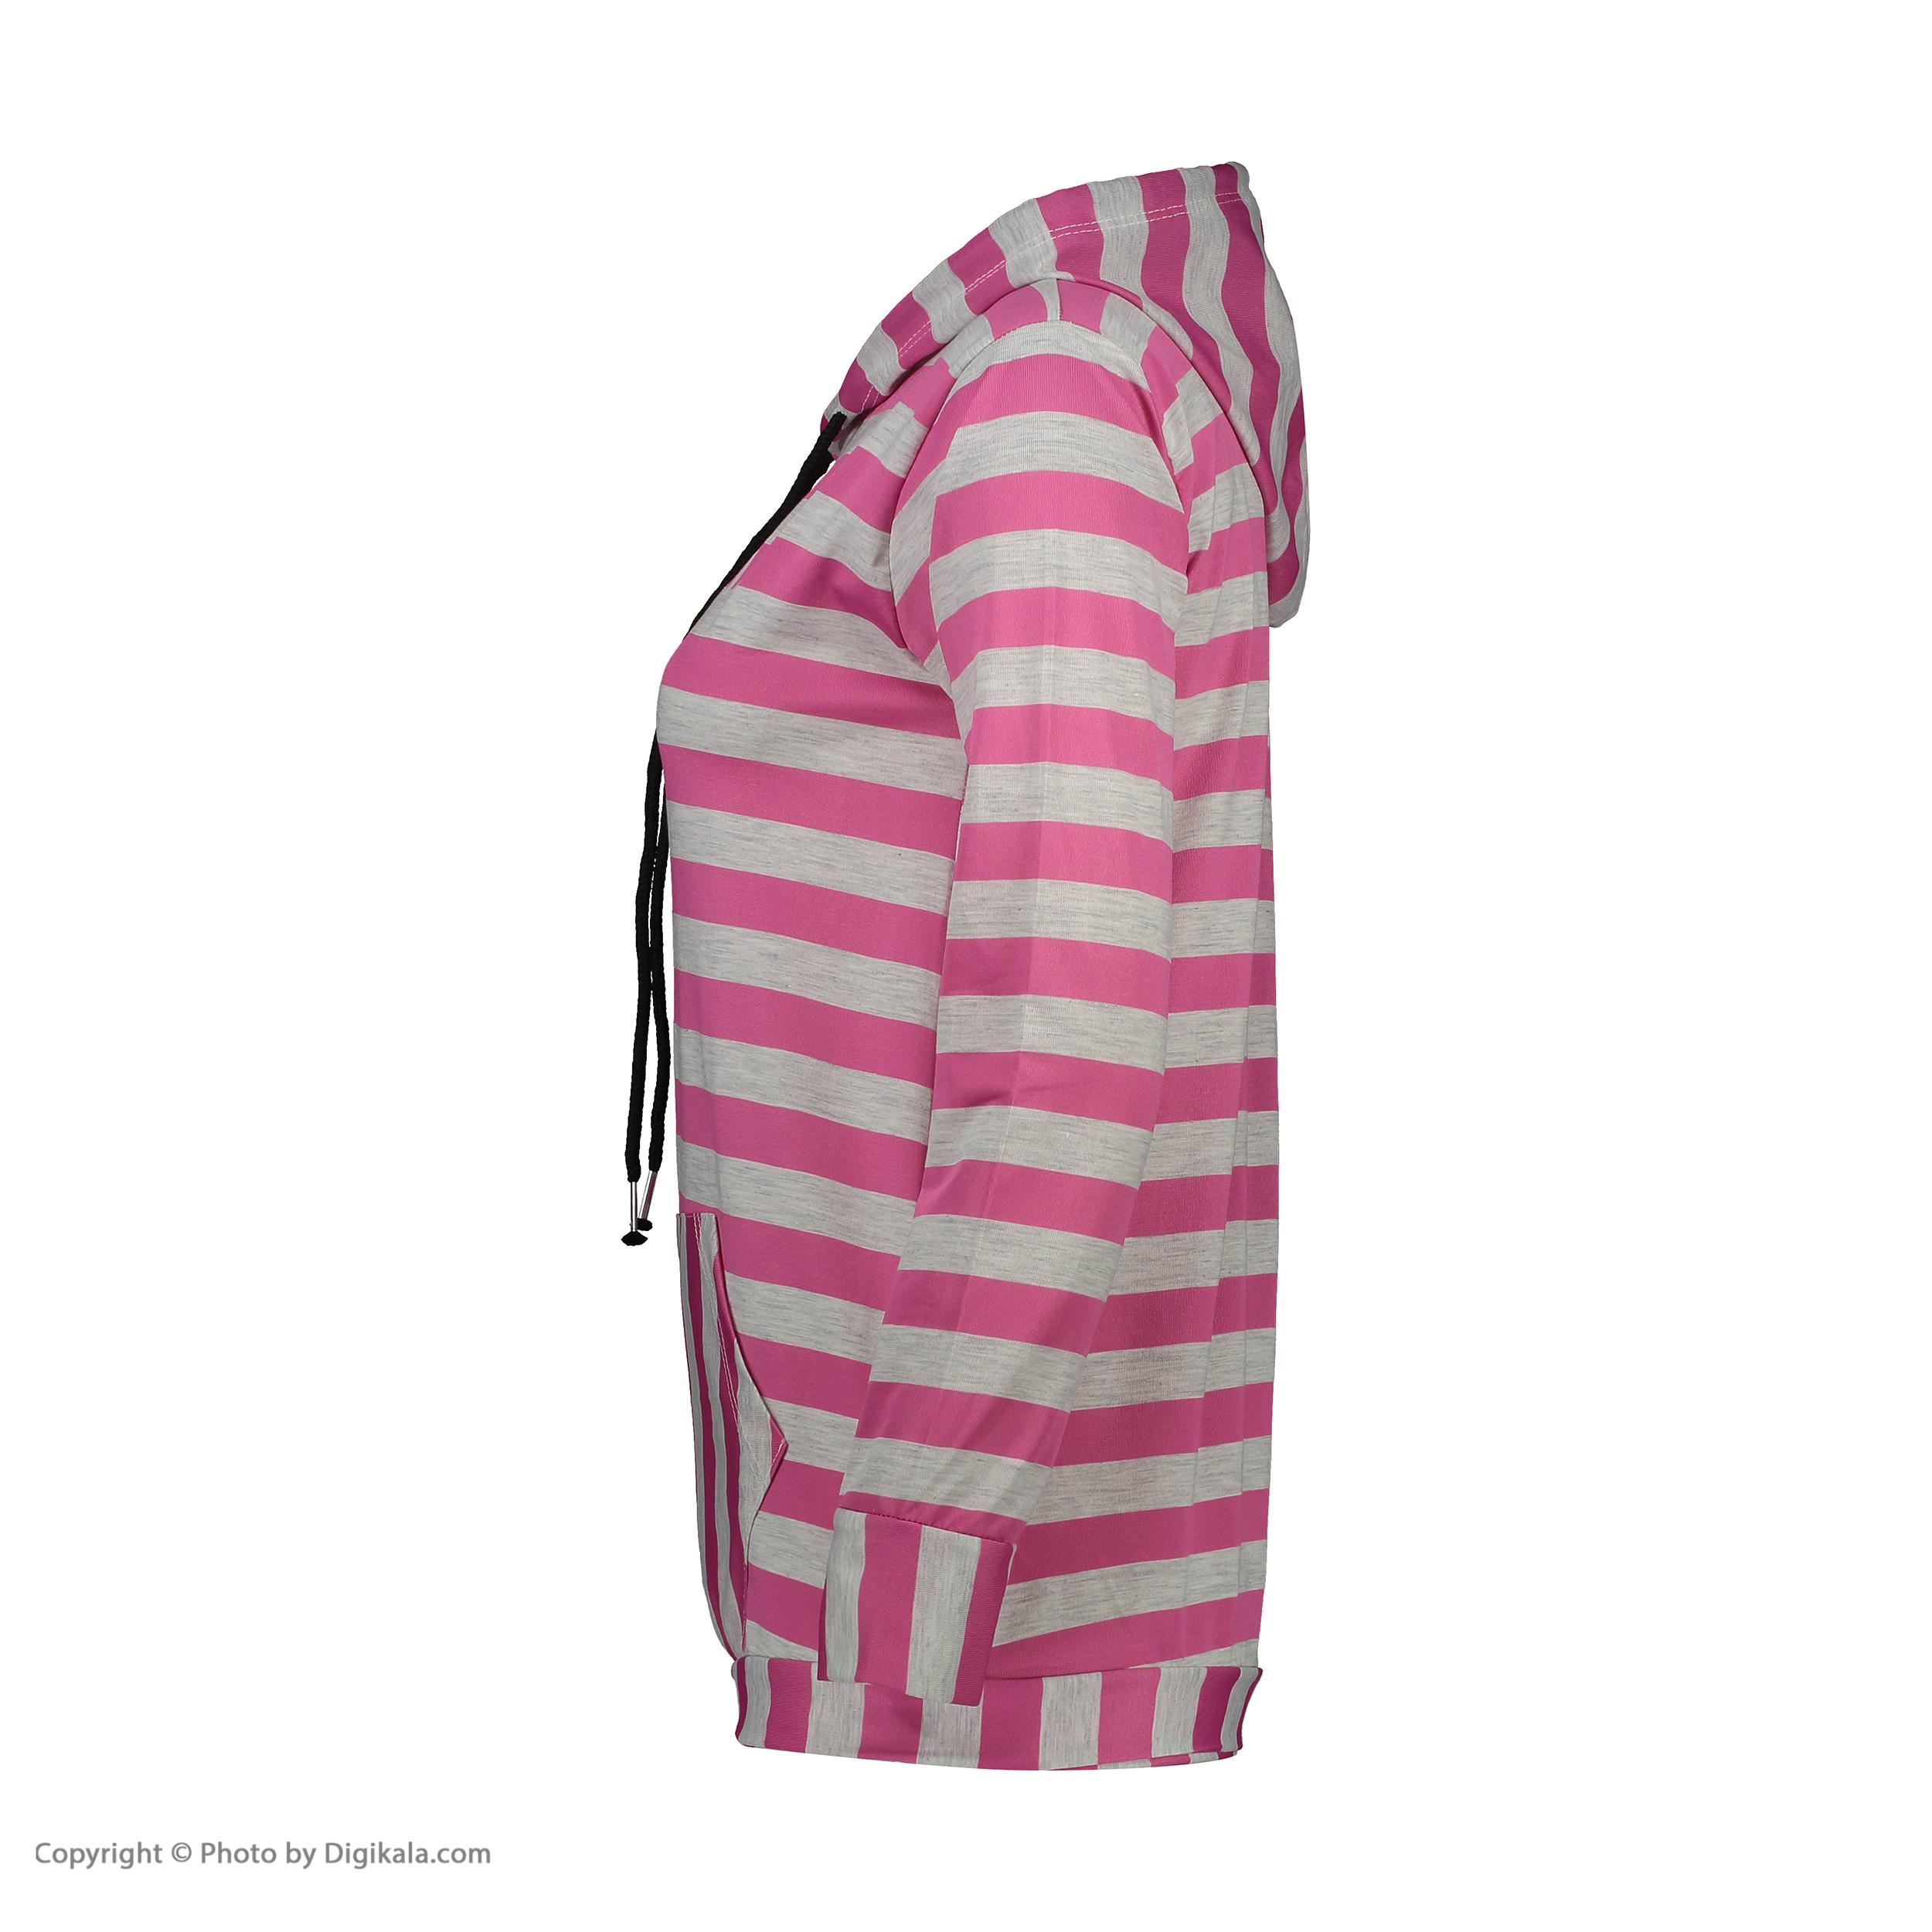 خرید                                     هودی زنانه کد 3010-11231                     غیر اصل